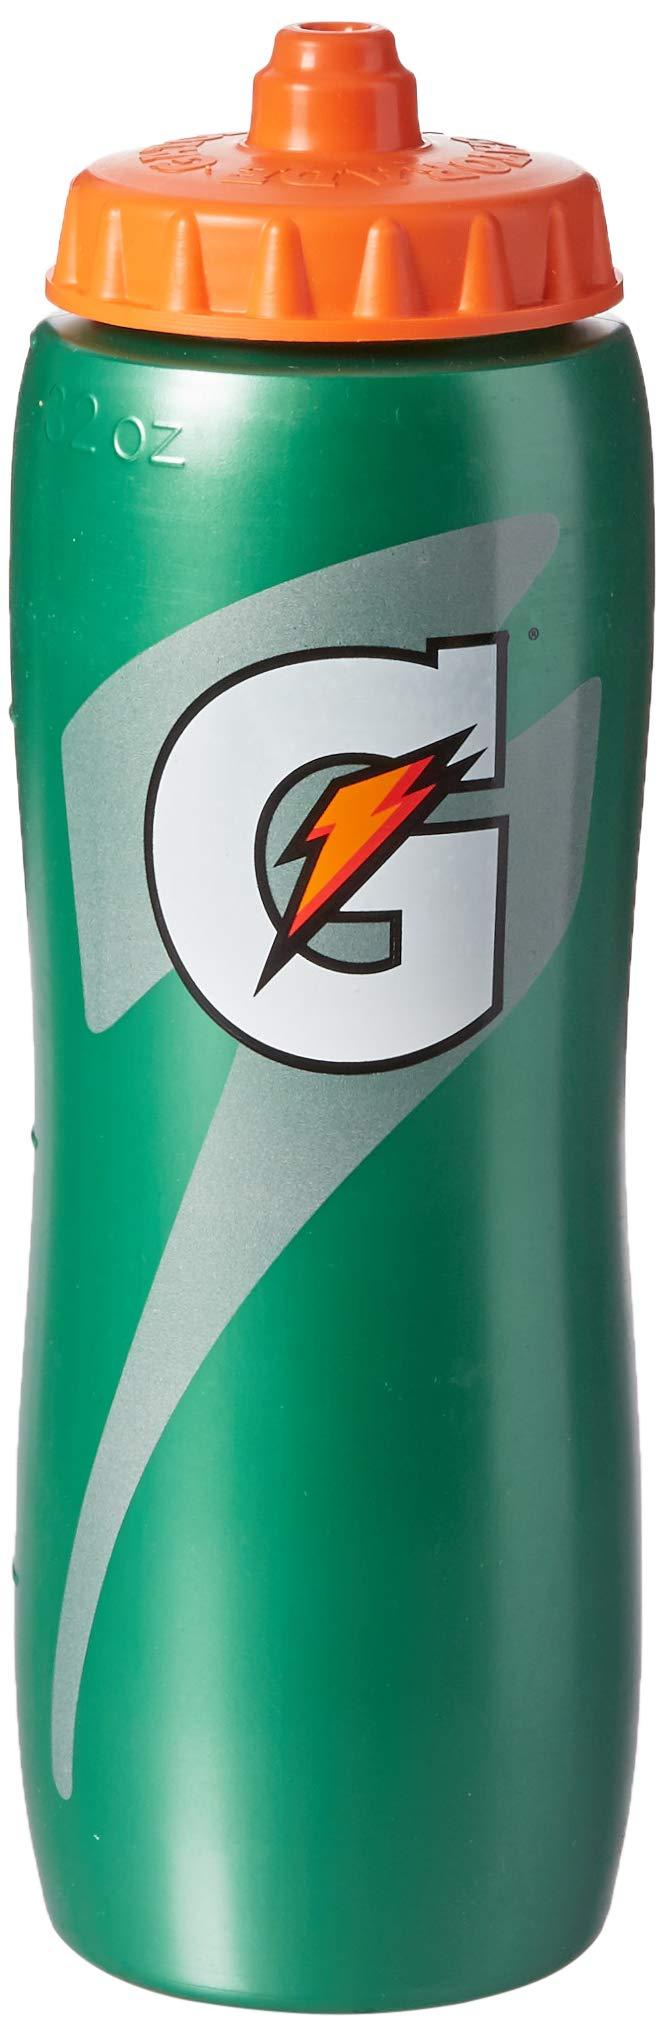 Gatorade Water Bottle, 32 Ounce Bottle